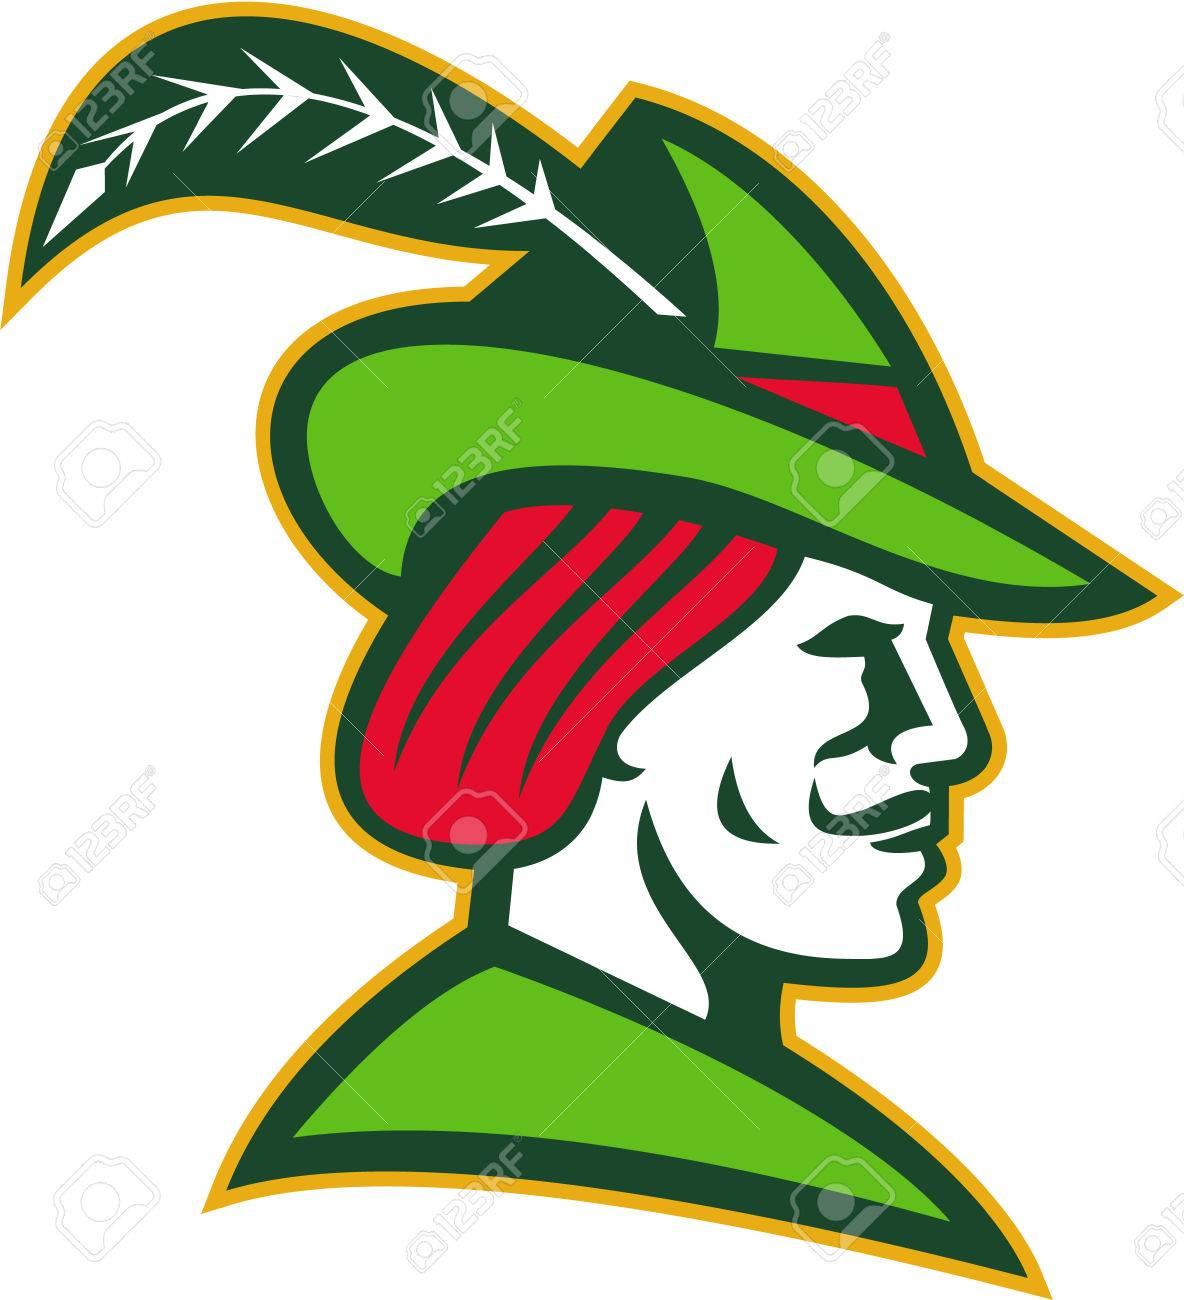 Abbildung Eines Robin Hood Tragt Mittelalterlichen Hut Mit Einem